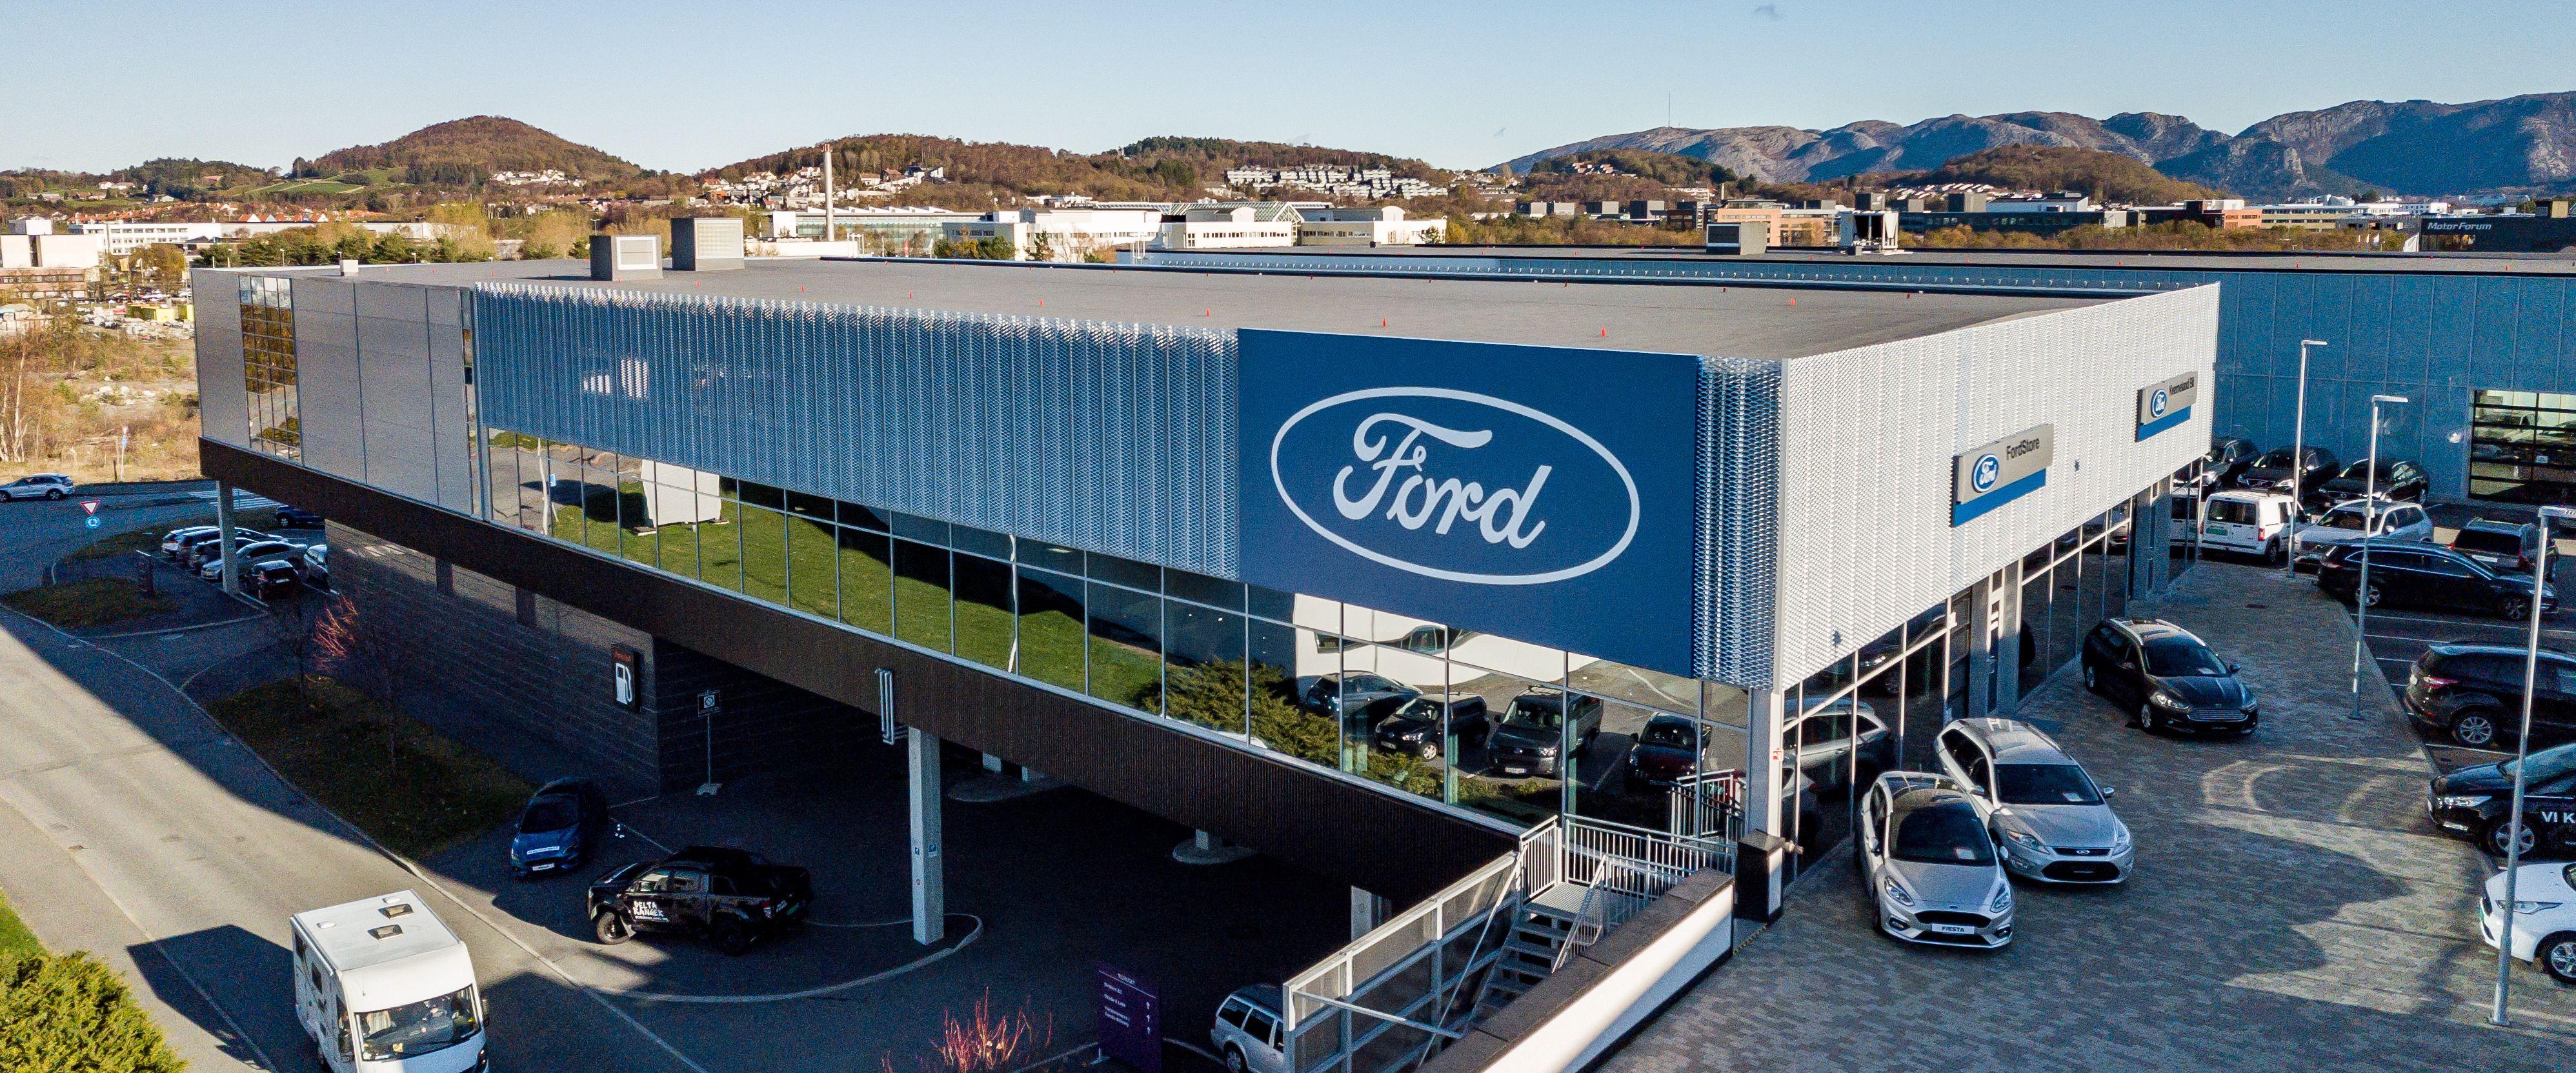 Bygget Ford Bilhuset holder til i.